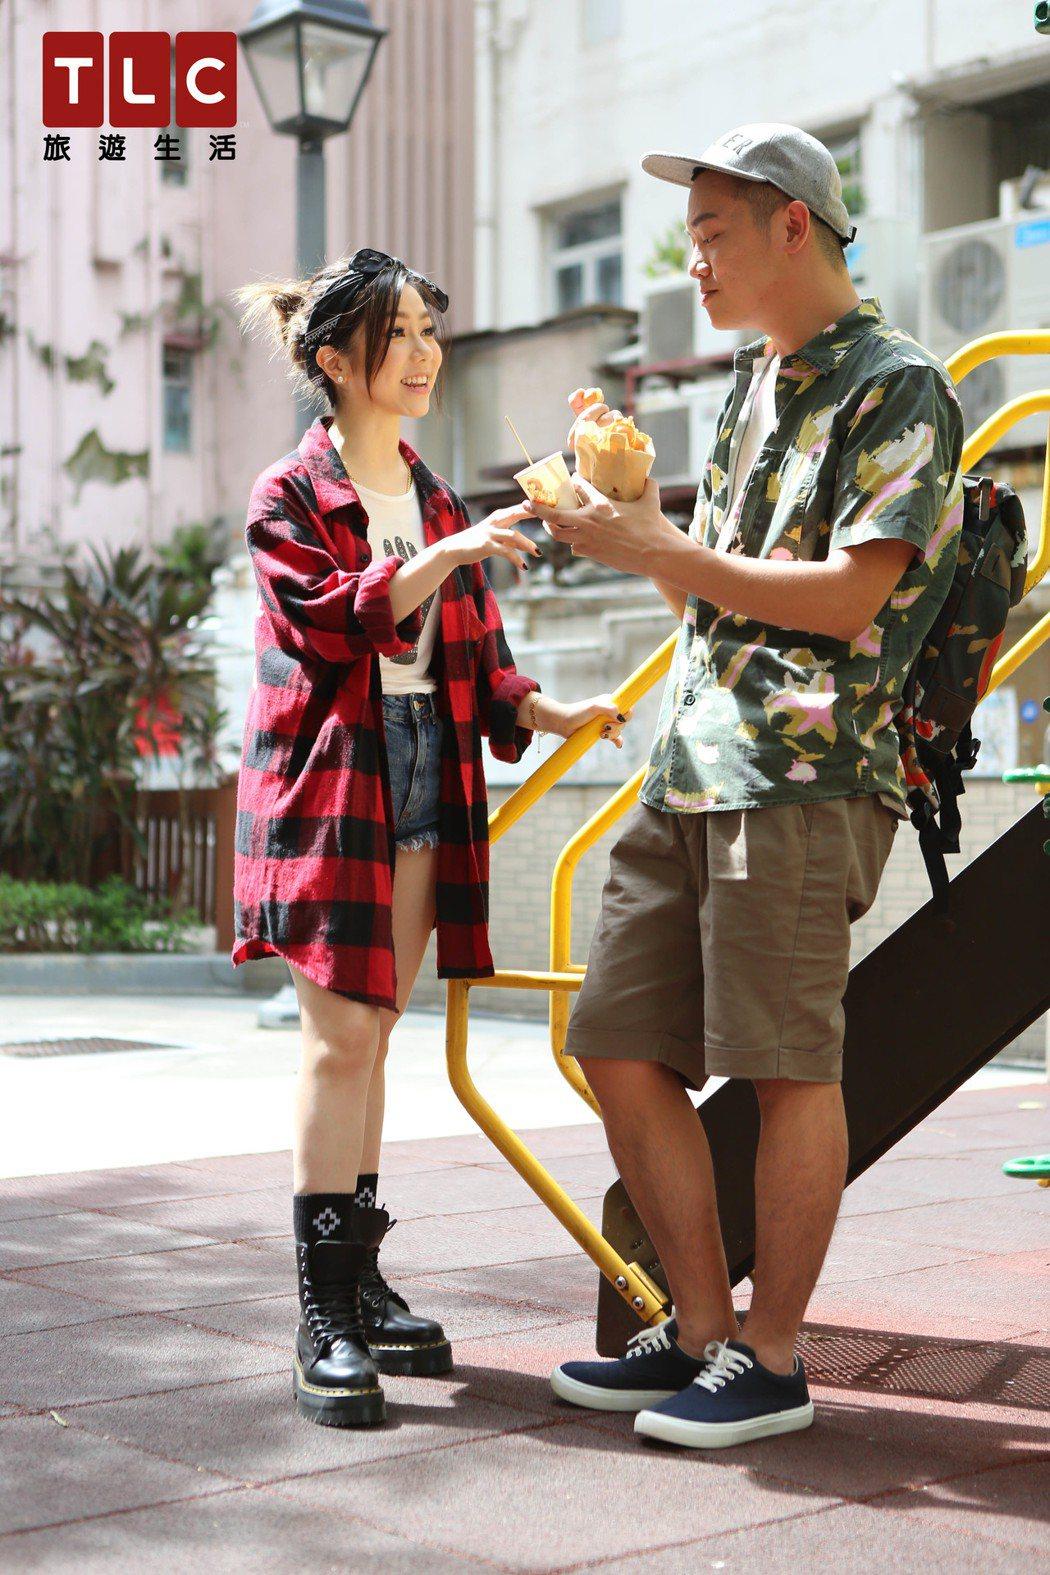 鄧紫棋百忙之中抽空擔任導遊,帶Soac品嚐香港美食。圖/TLC旅遊生活頻道提供